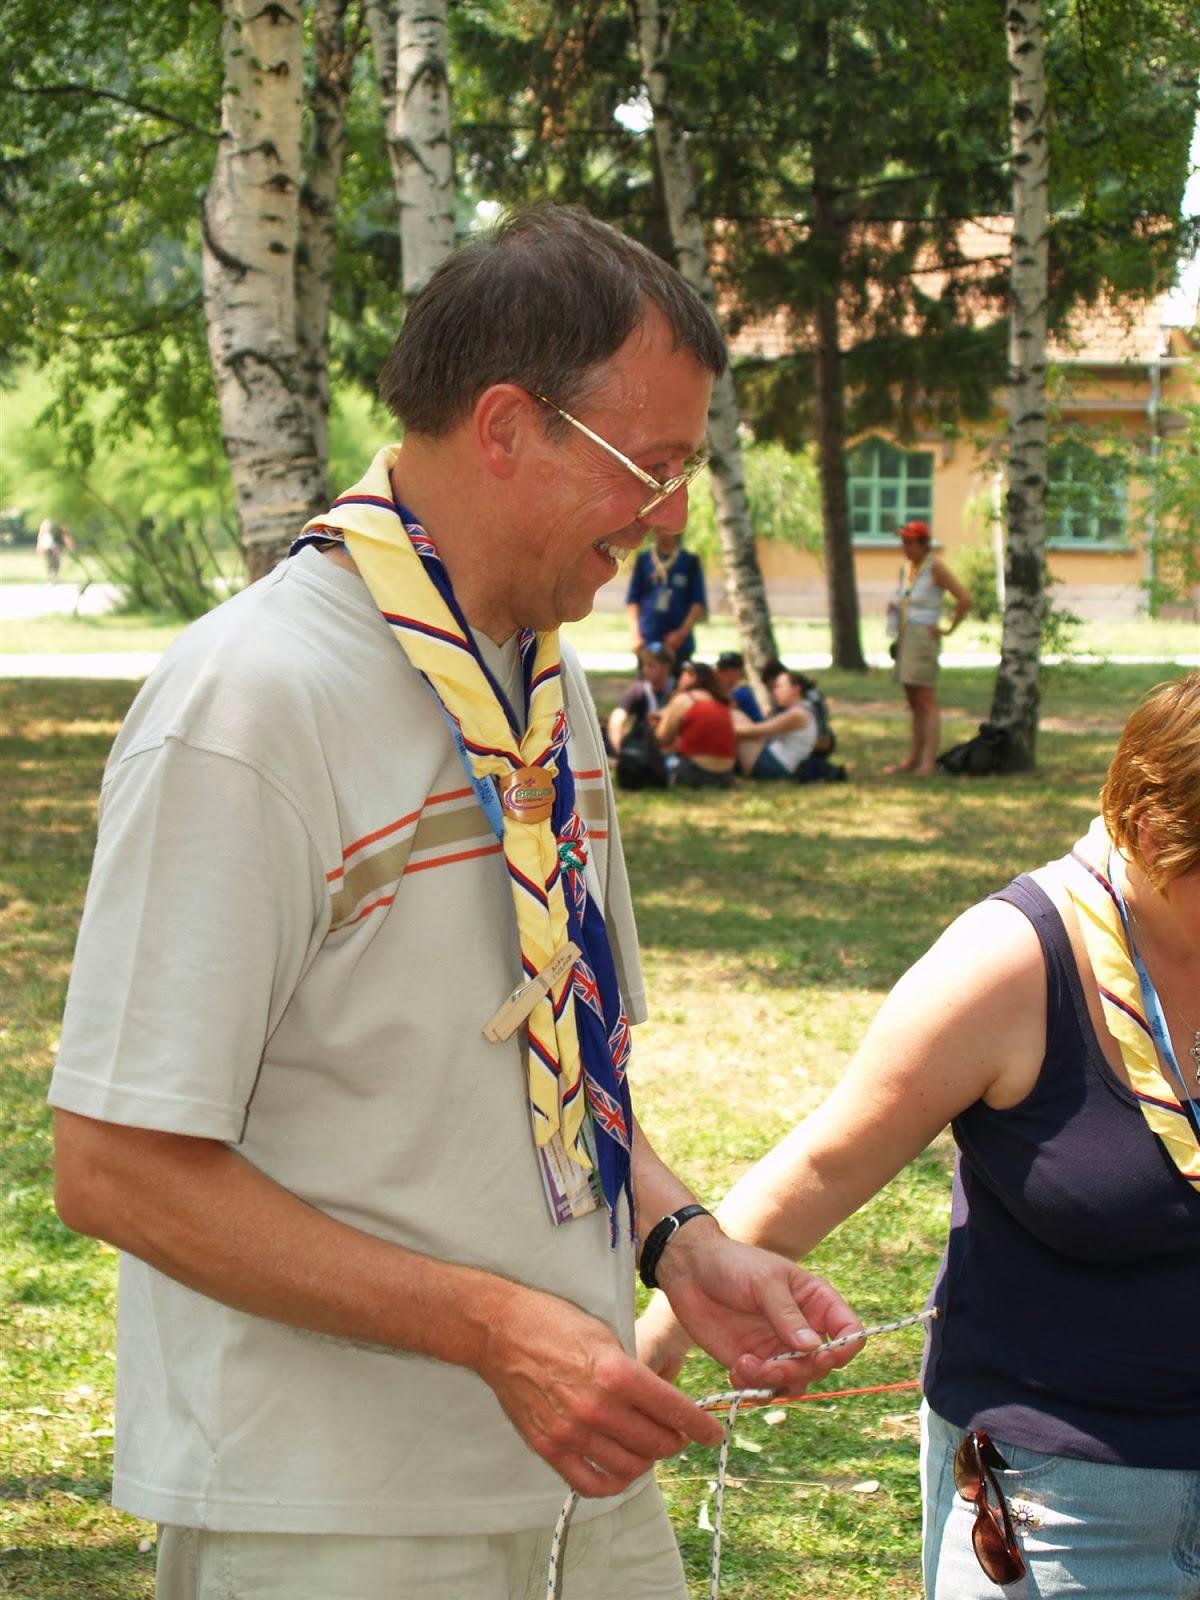 Smotra, Smotra 2006 - P0251885.JPG